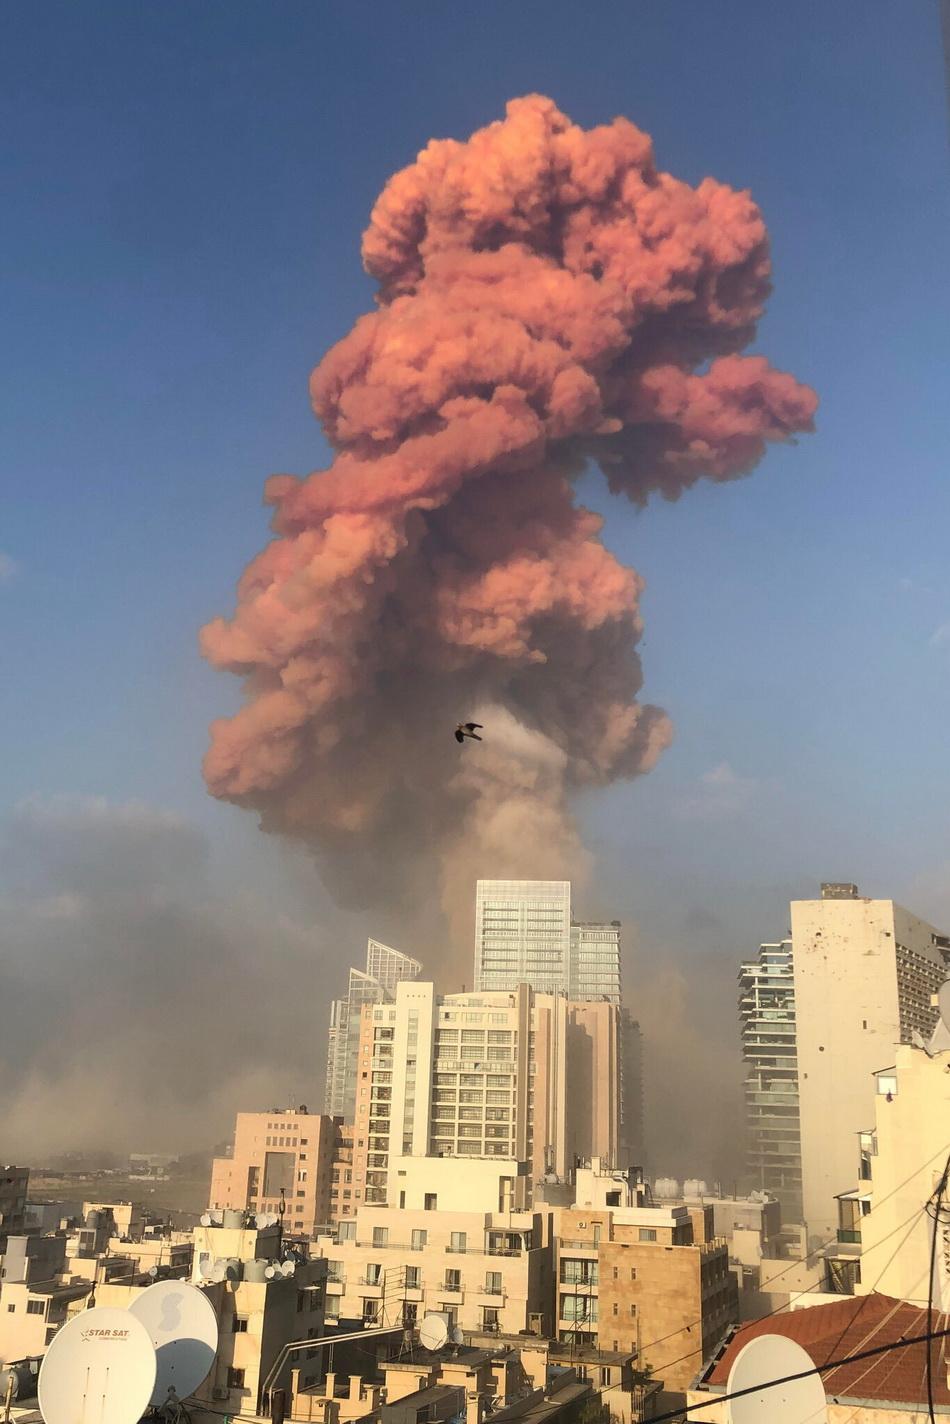 爆炸后现场升腾巨大的红色蘑菇云,爆炸声震耳欲聋。